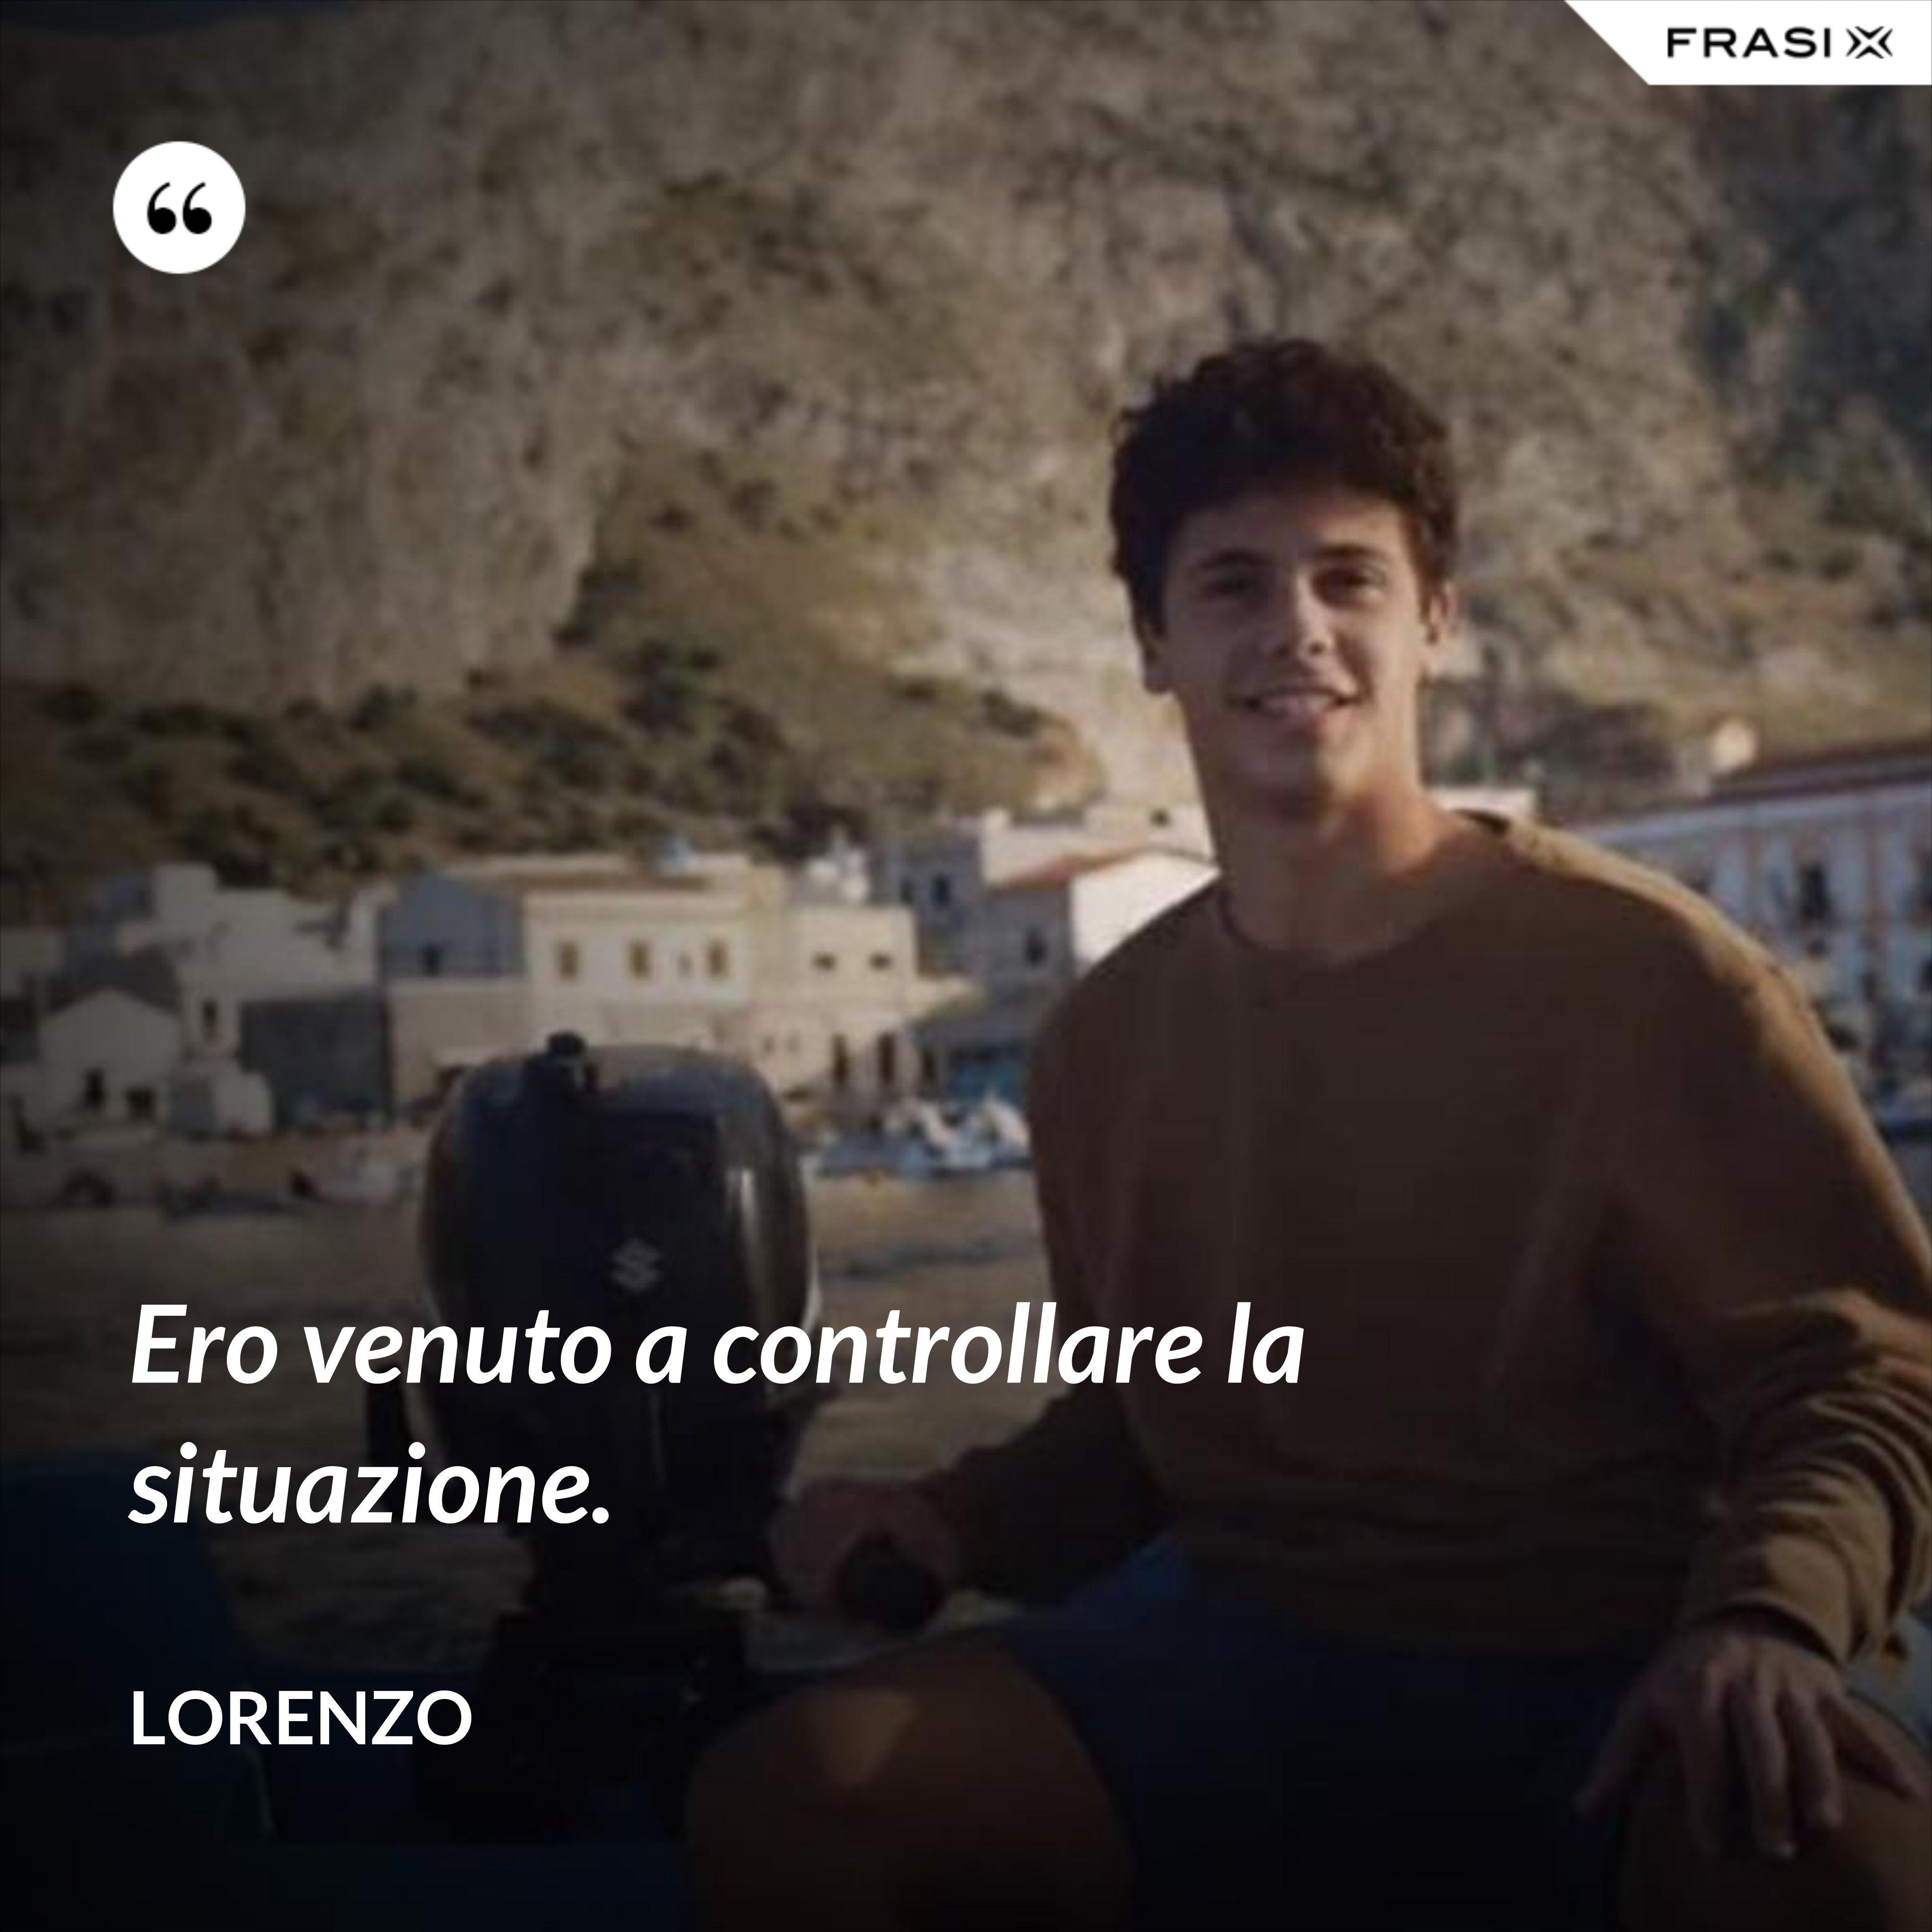 Ero venuto a controllare la situazione. - Lorenzo